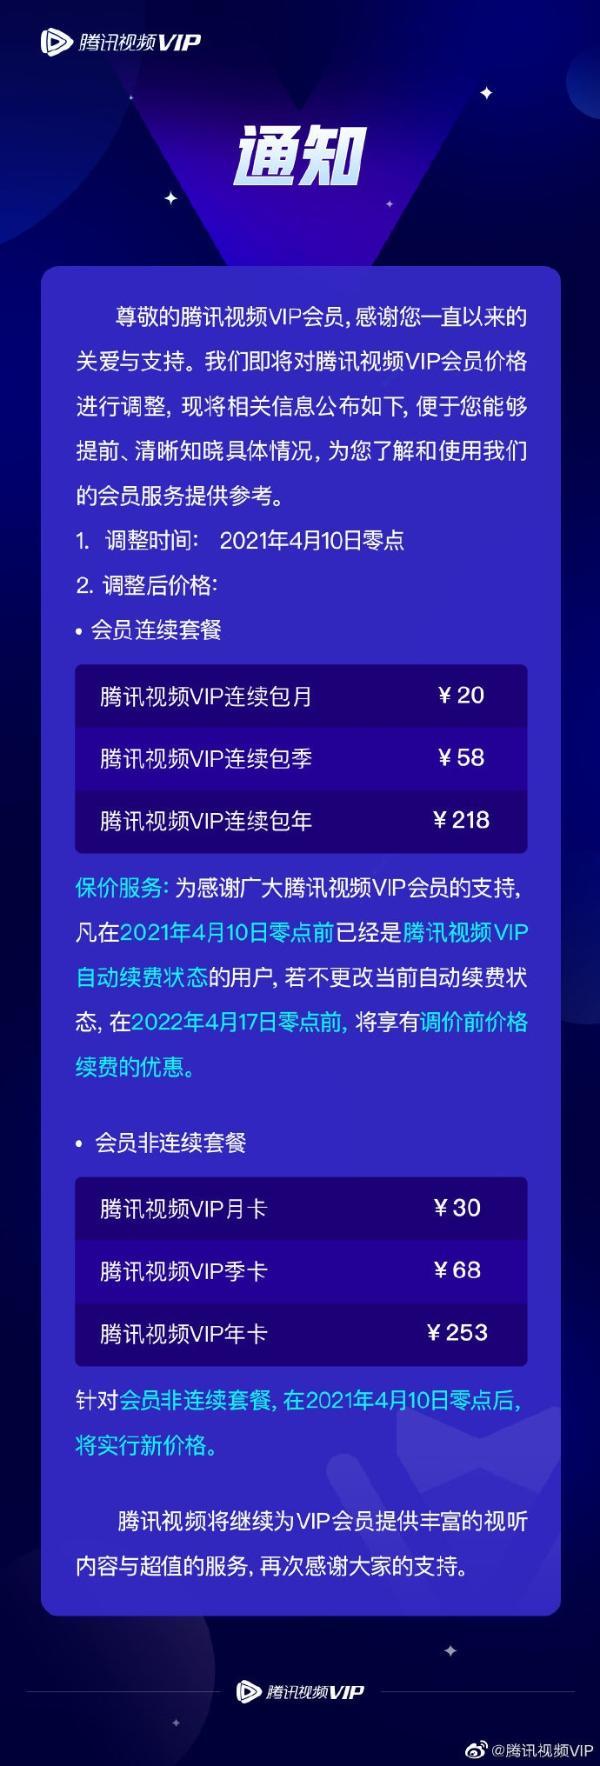 腾讯视频VIP会员4月10日起全面涨价:年卡涨幅最大,你还打算续吗?